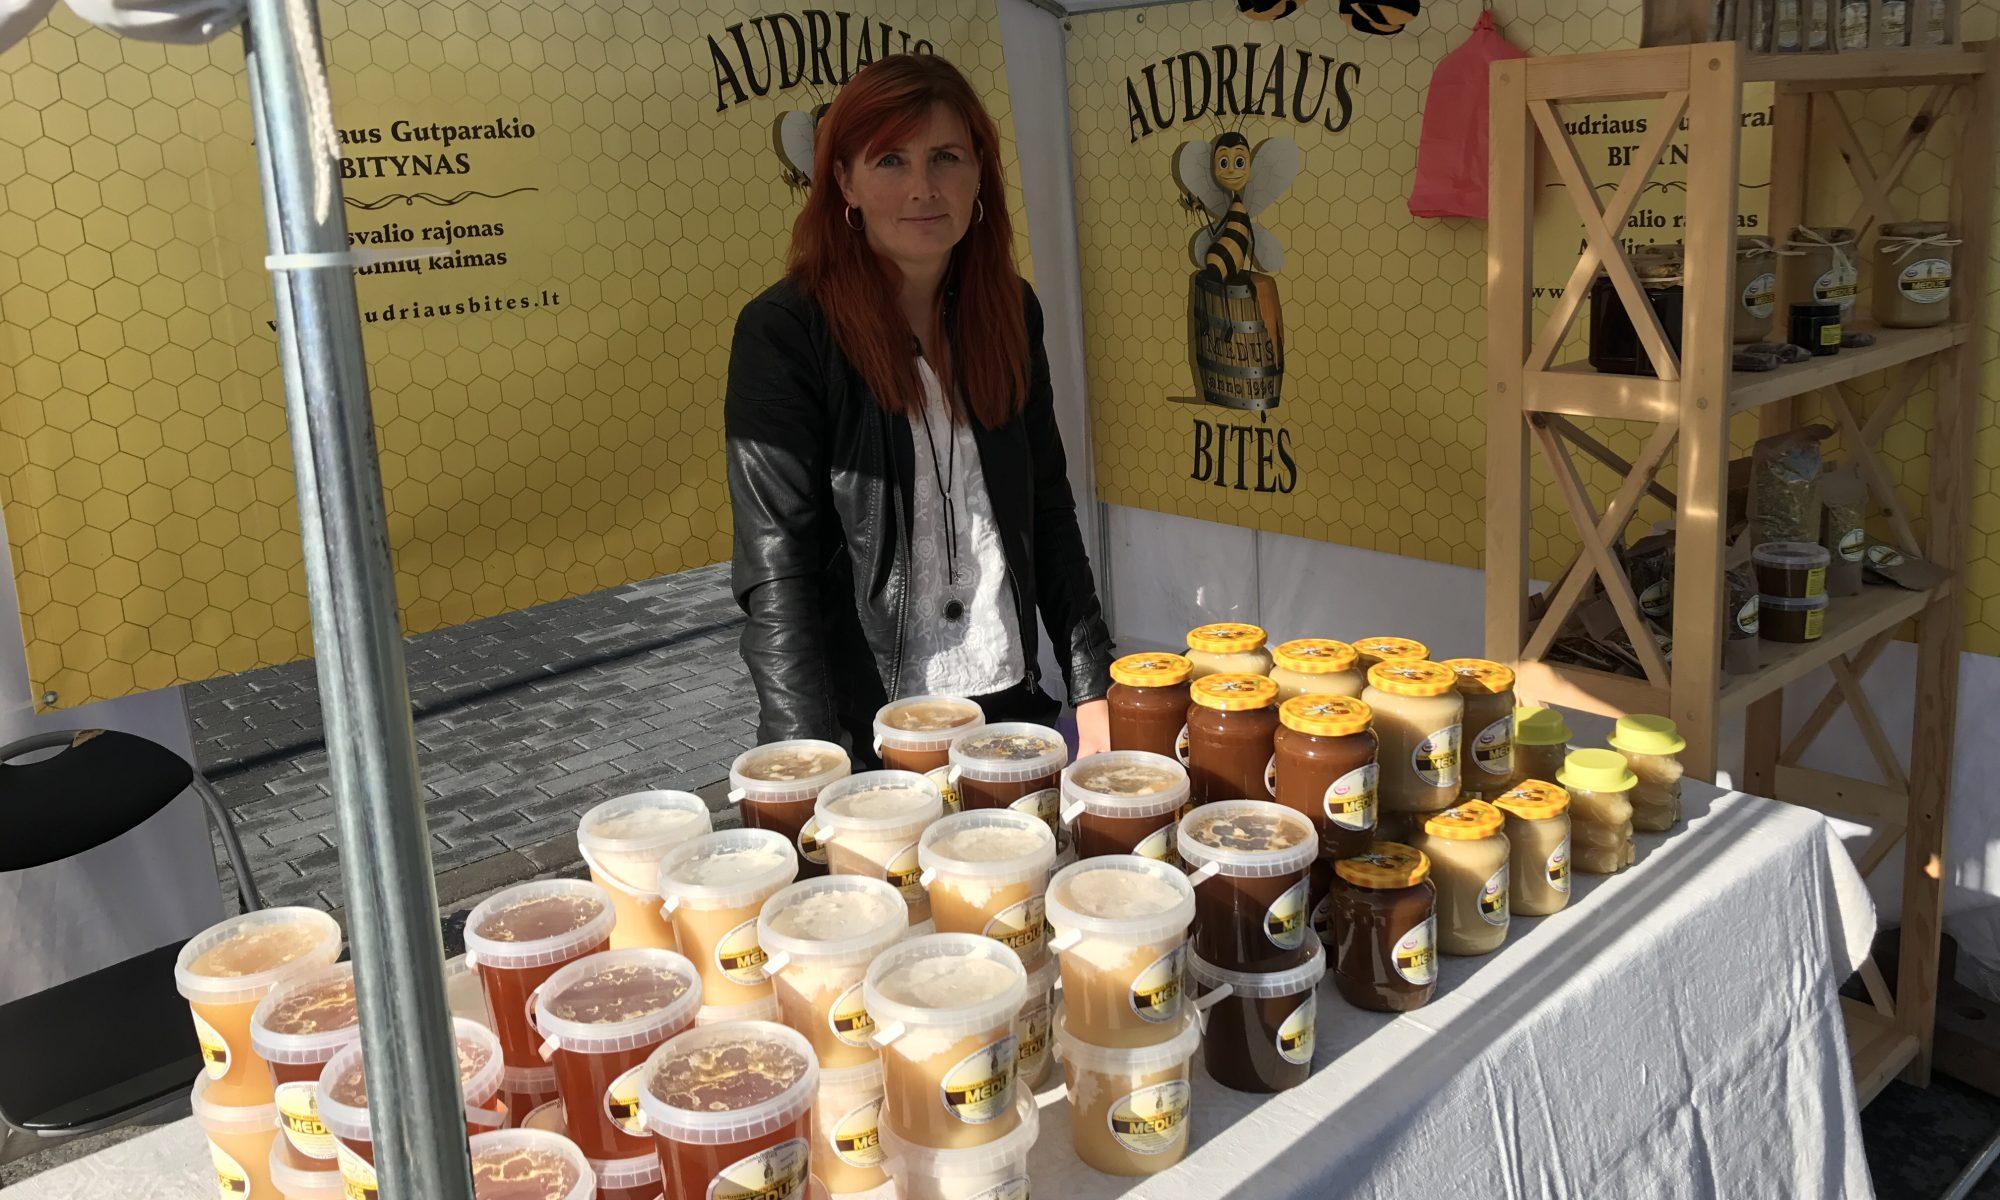 Audriaus Bitės - Bičių produktai